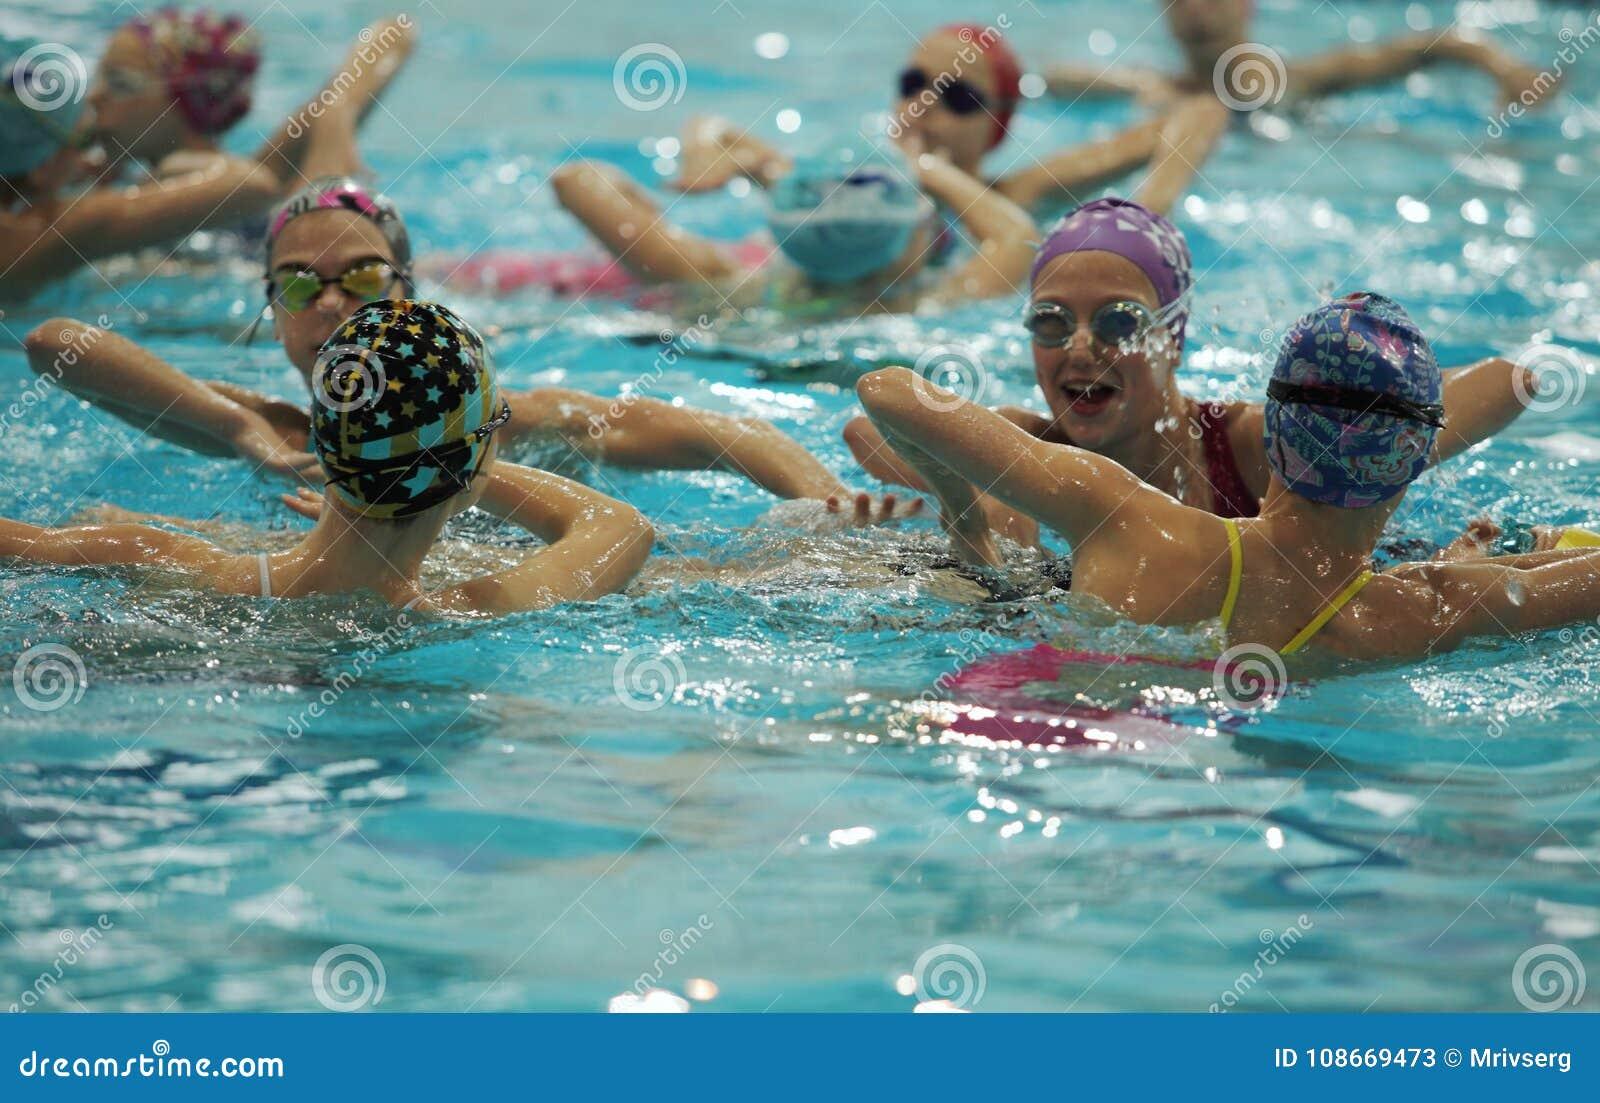 Equipo de natación sincronizada de los atletas